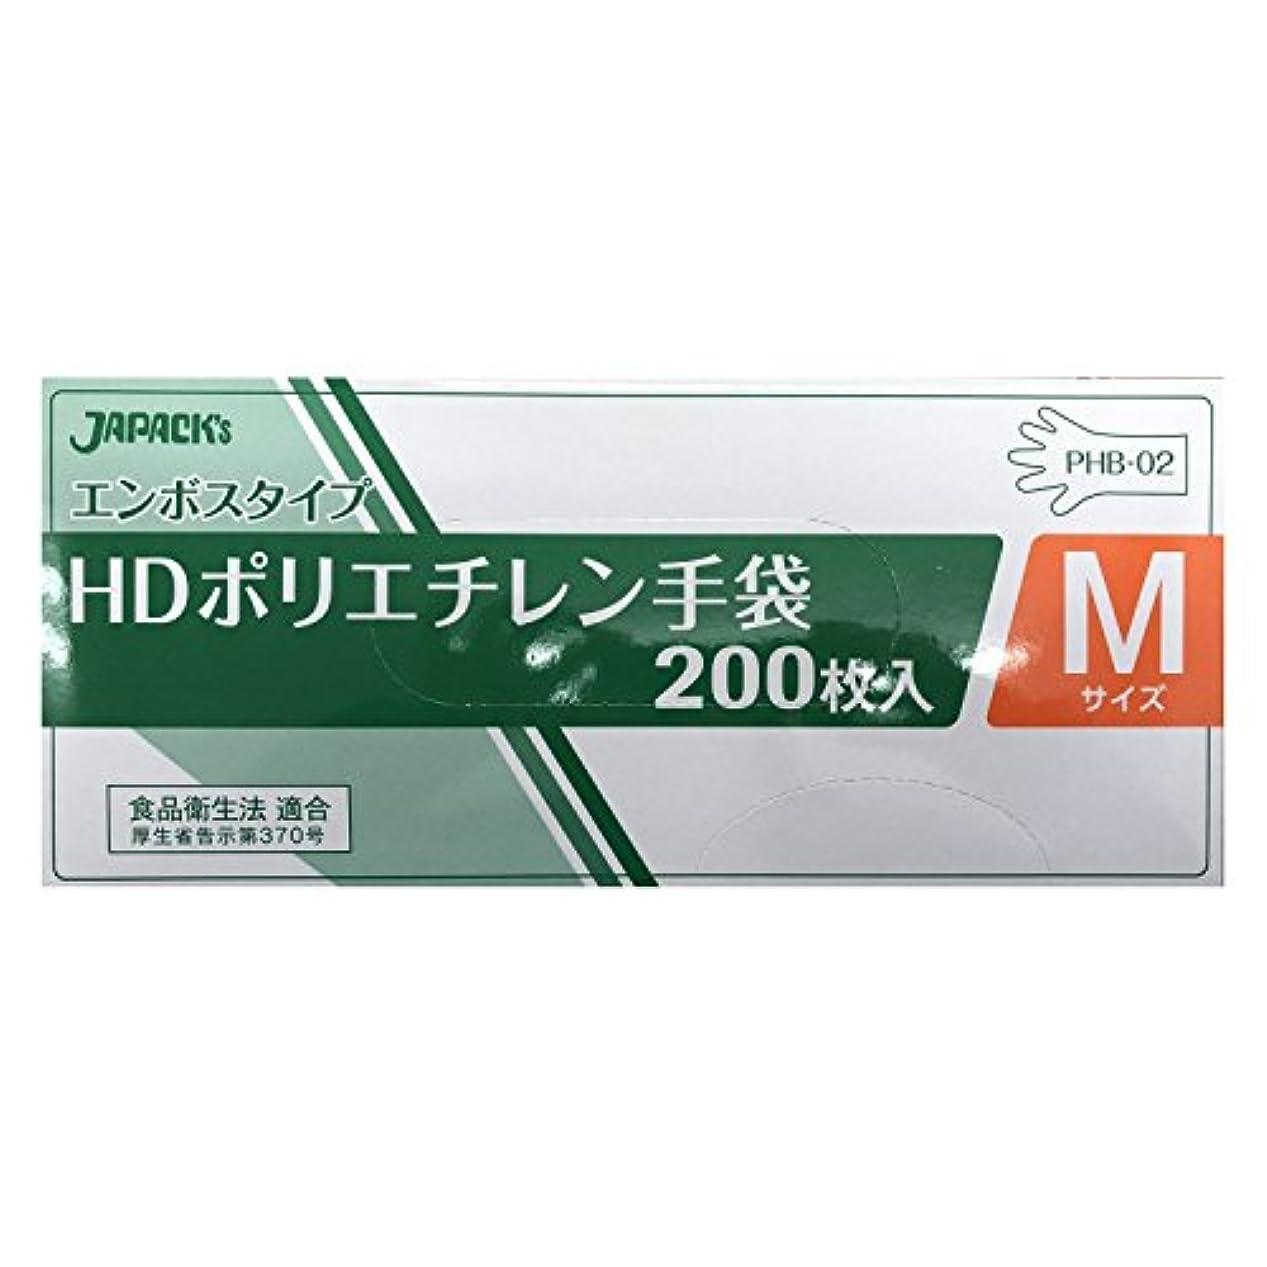 ブランチリールほかにエンボスタイプ HDポリエチレン手袋 Mサイズ BOX 200枚入 無着色 PHB-02